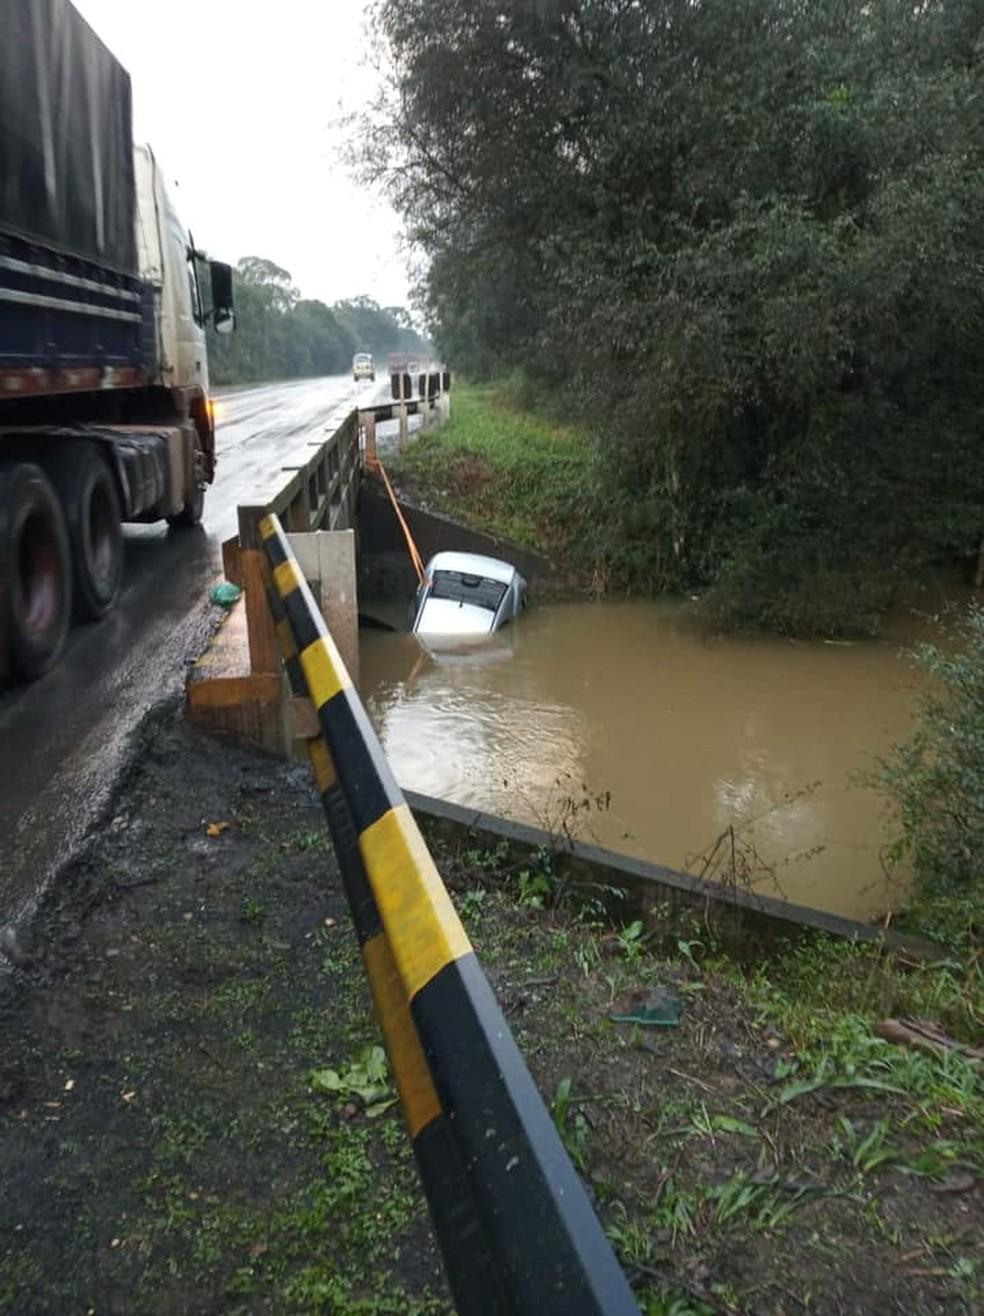 Carro caiu em rio após acidente, em Paula Freitas — Foto: Divulgação/Corpo de Bombeiros de União da Vitória